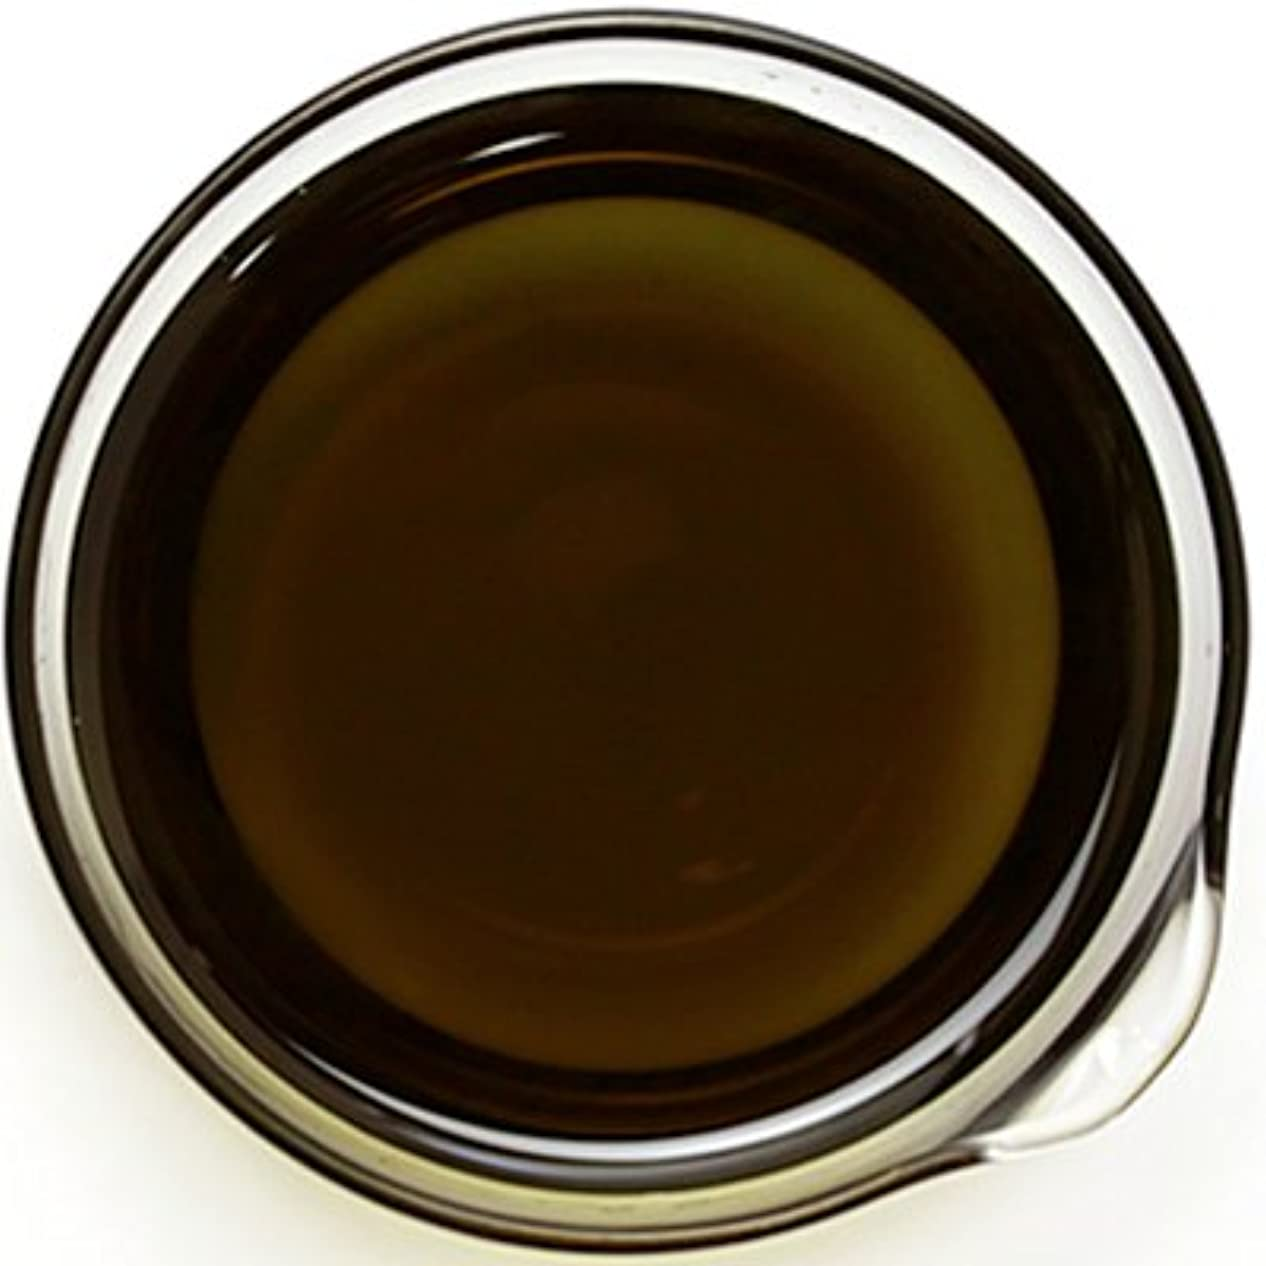 オーガニック ヘンプシードオイル 250ml 【麻種子油/手作りコスメ/美容オイル/キャリアオイル/マッサージオイル】【birth】